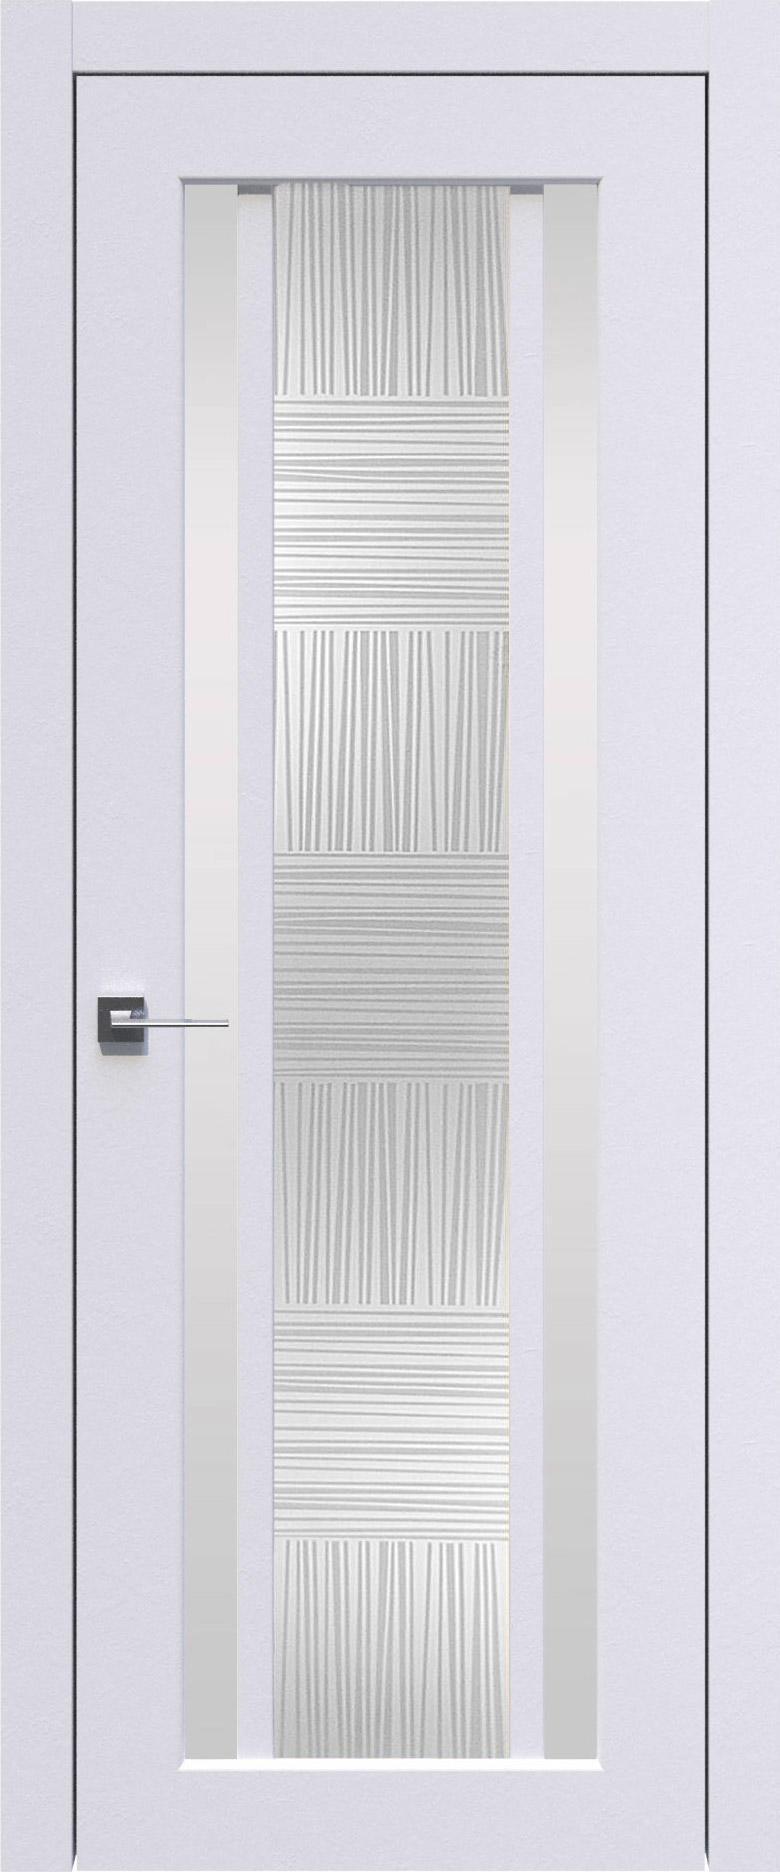 Palazzo цвет - Арктик белый Со стеклом (ДО)